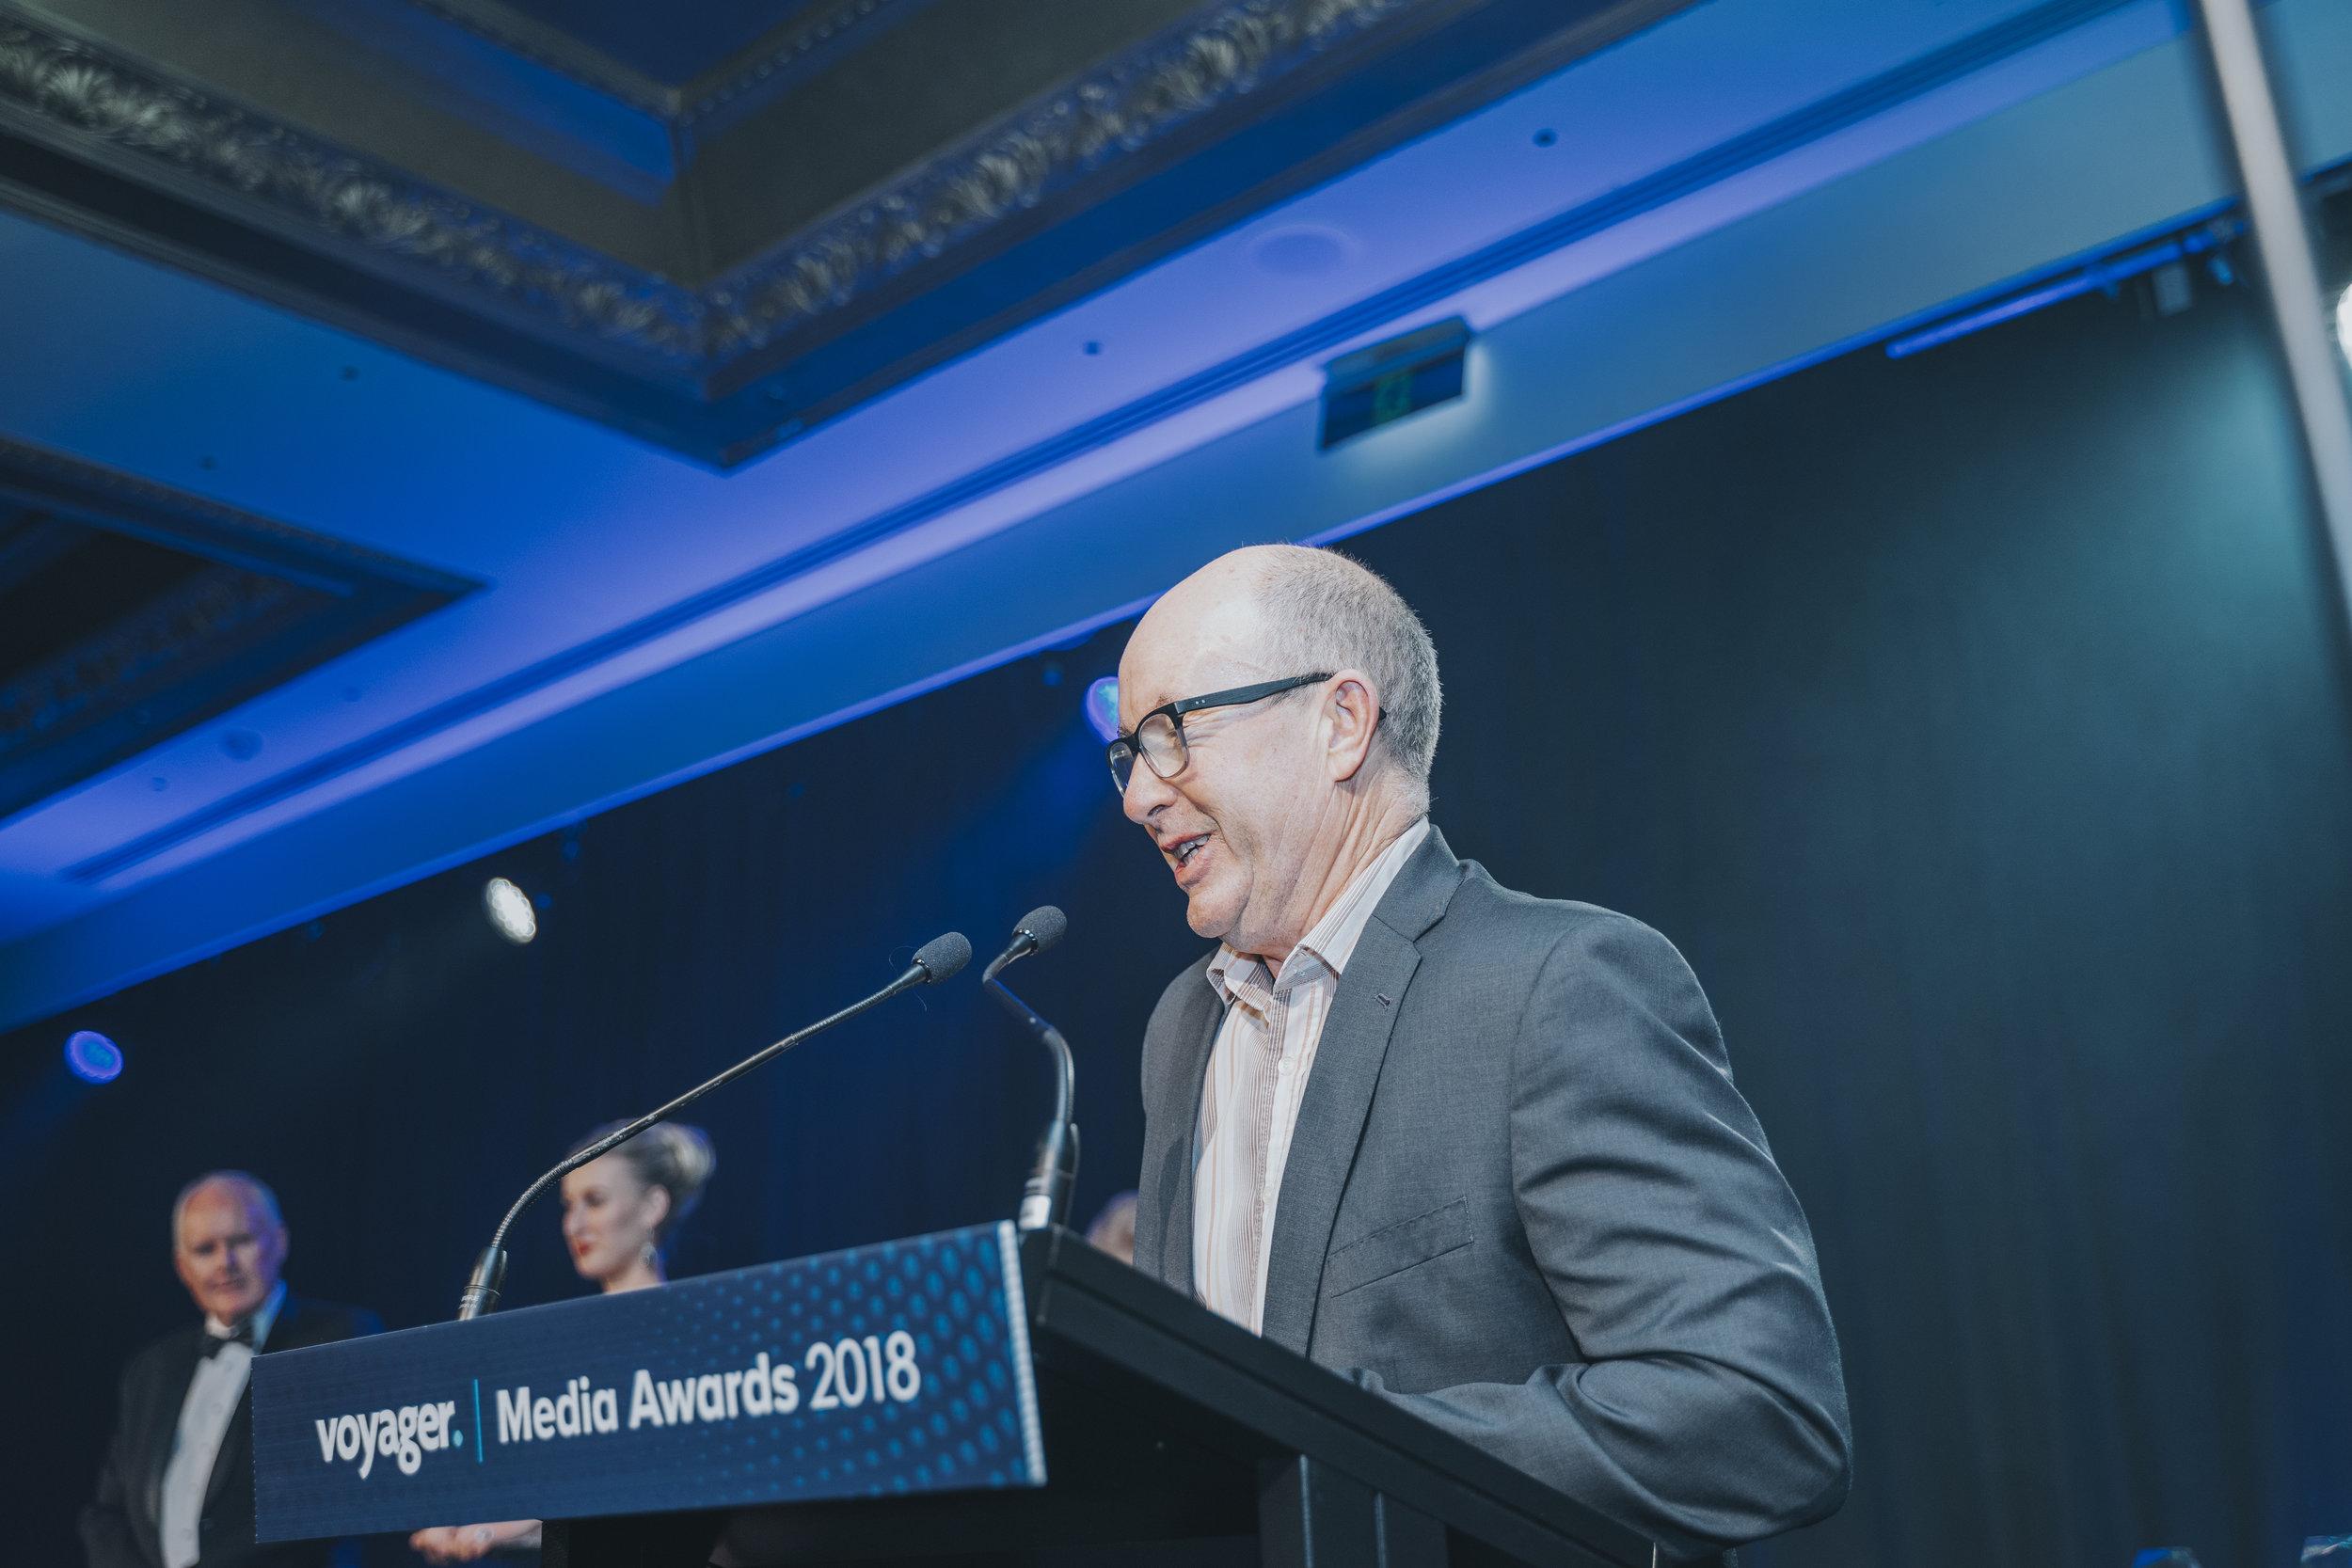 Voyager Media Awards 2018-329.JPG